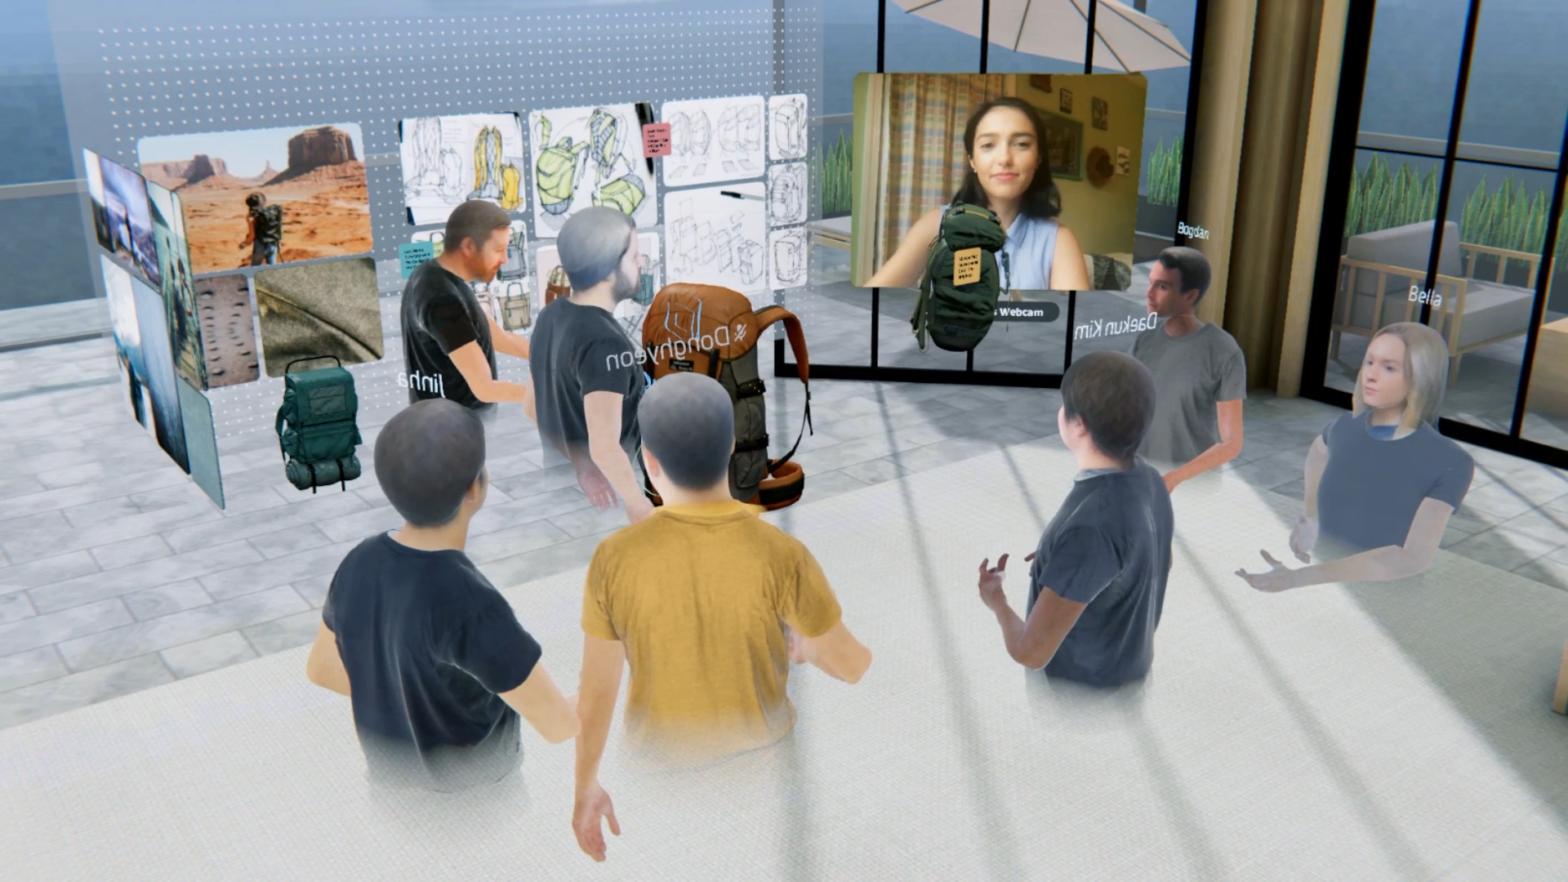 Spatial OculusQuest